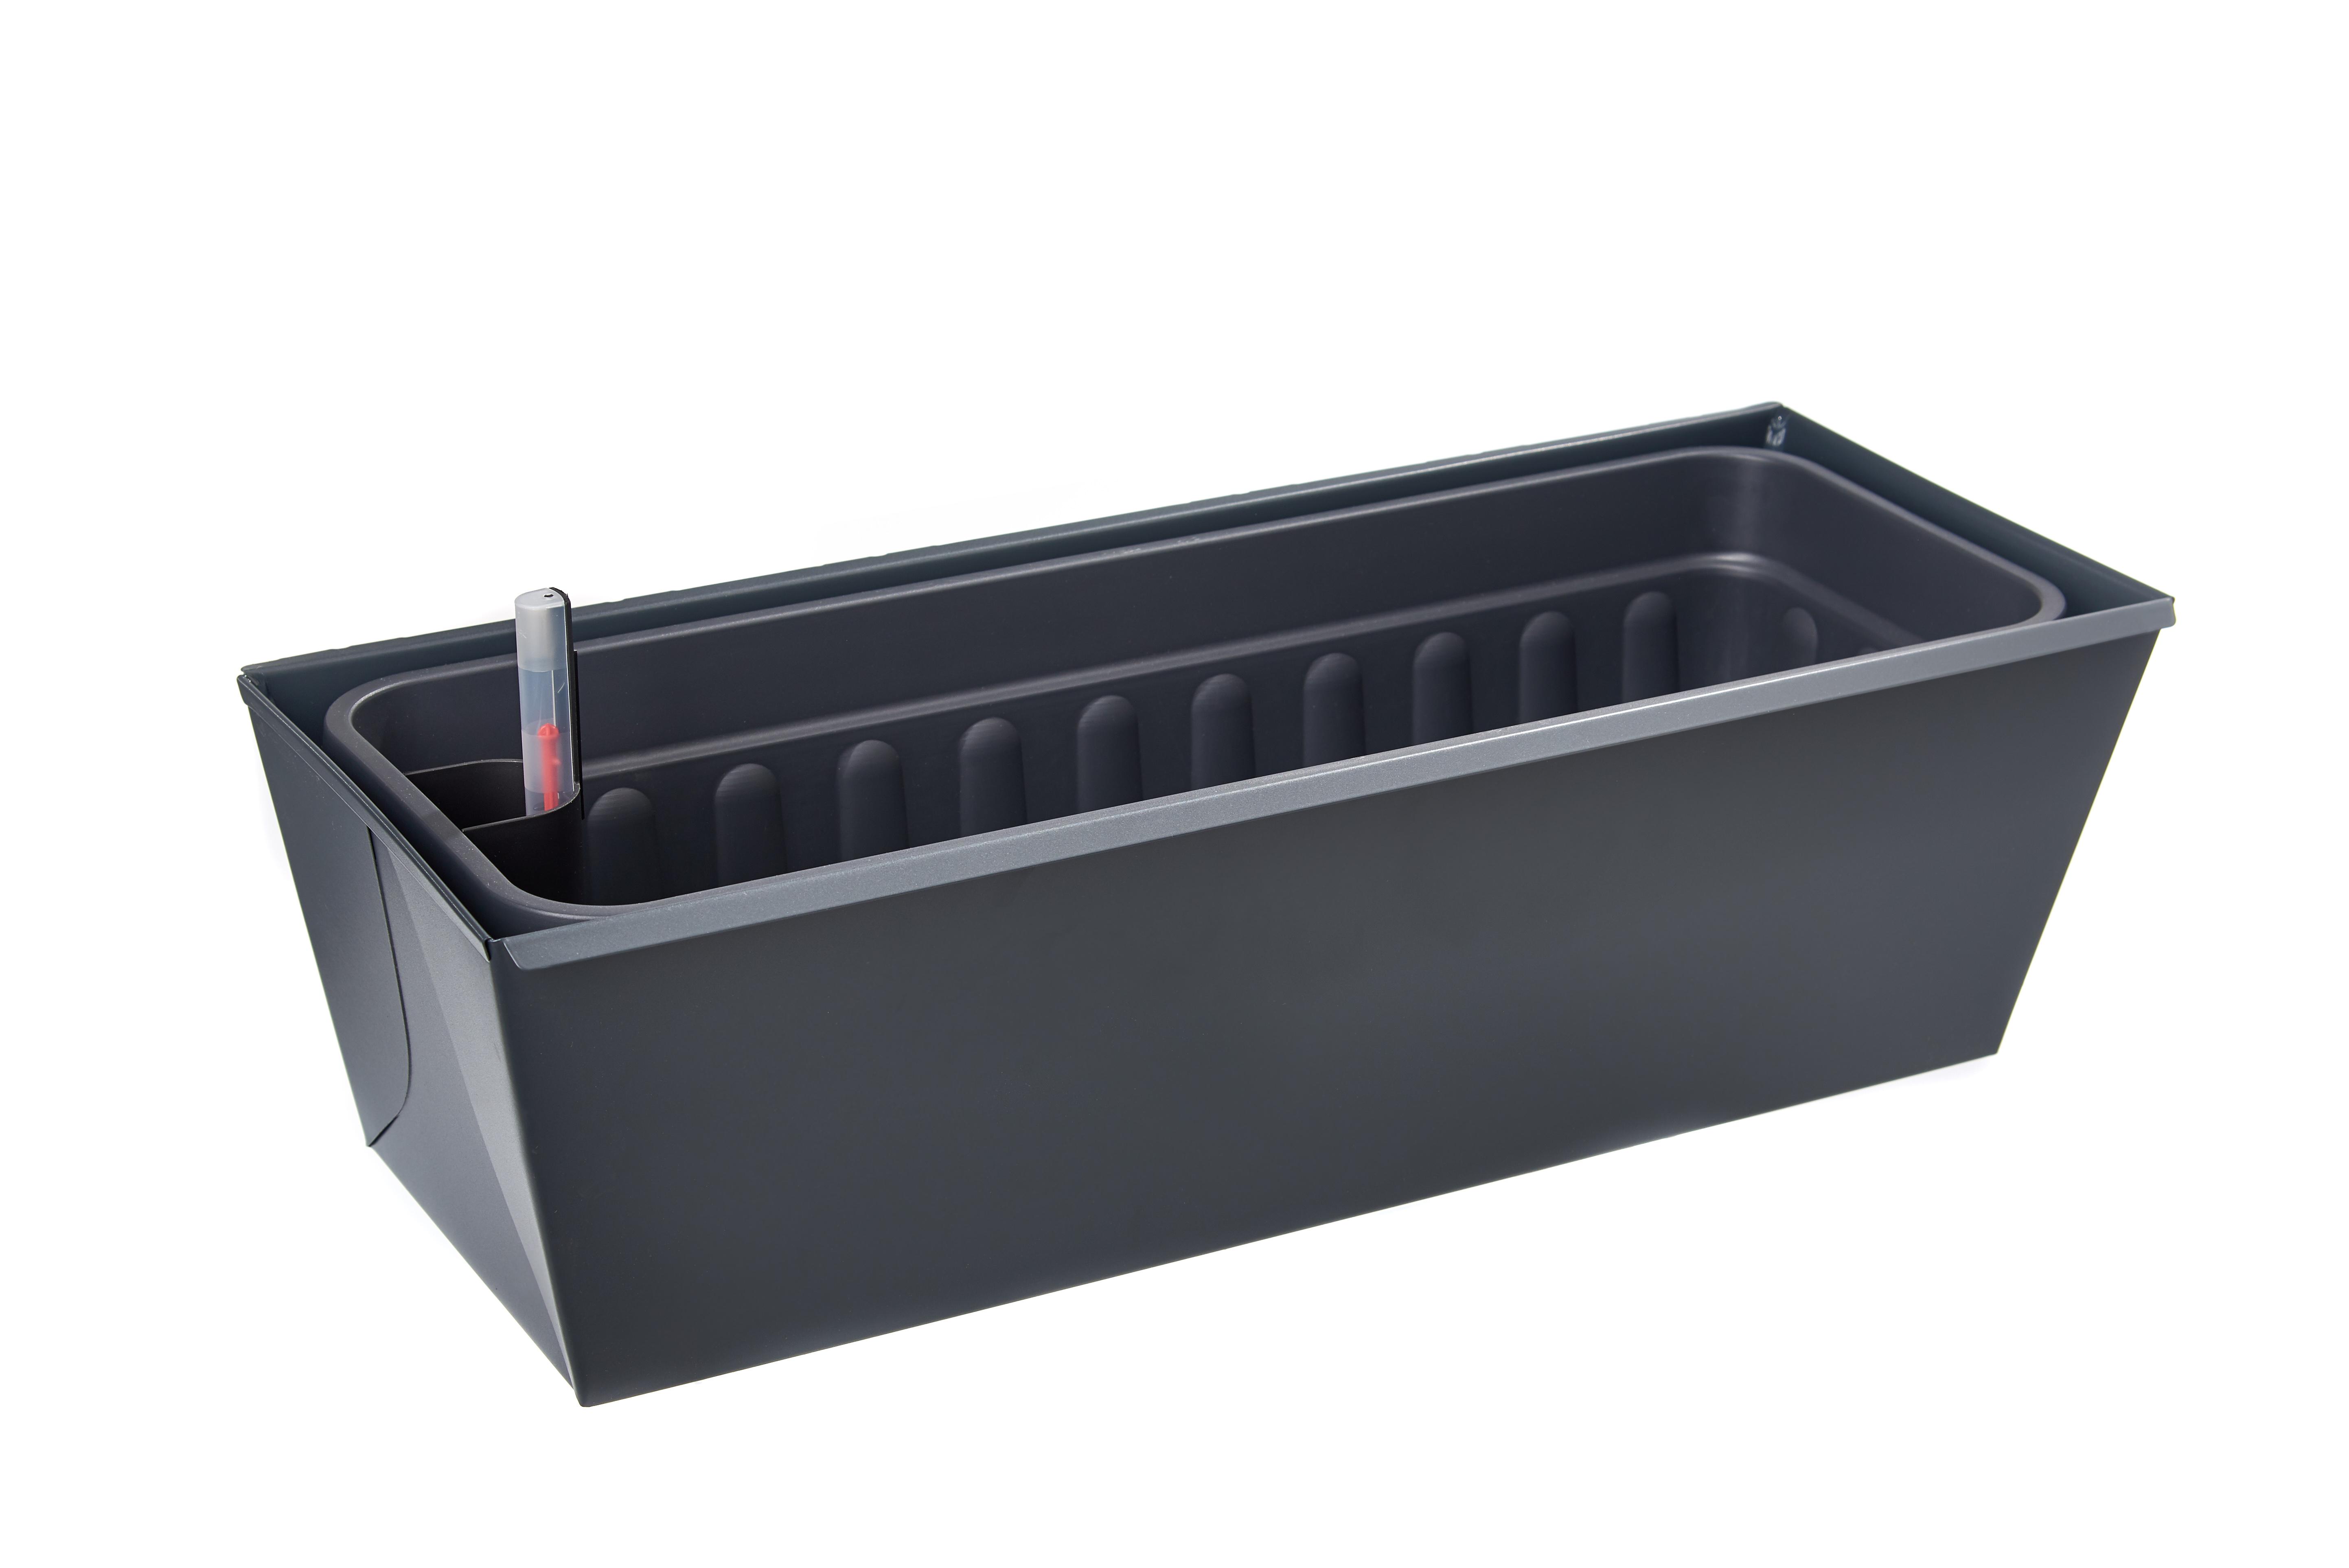 gabioka flowerbox 60cm de luxe anthrazit pulverbeschichtet (RAL 7016 glatt matt) mit Wasserstandsanzeige und Wasserspeicher